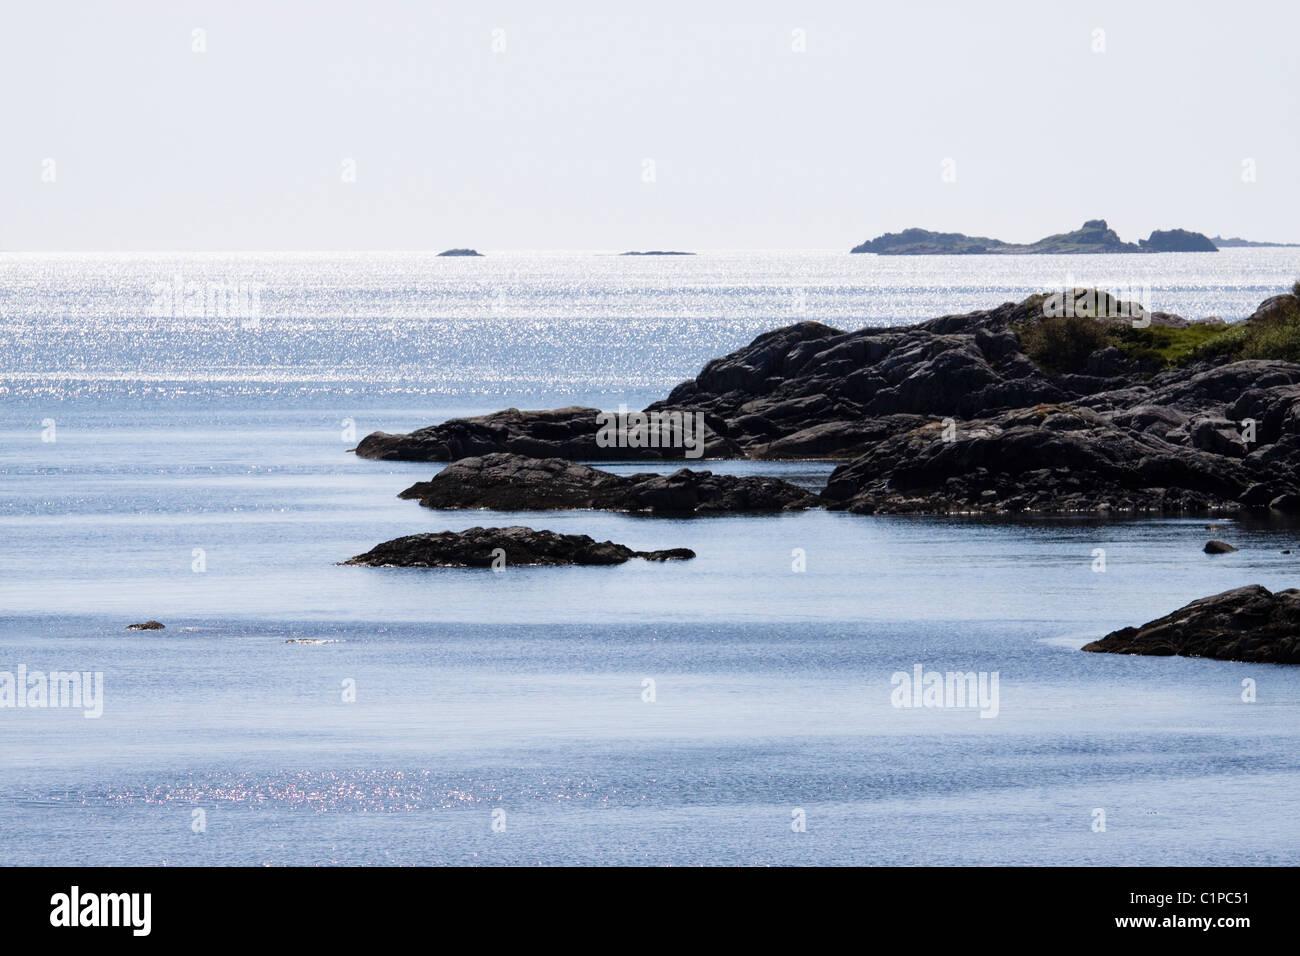 La Scozia, Moidart, suono di Arisaig, coste rocciose Immagini Stock